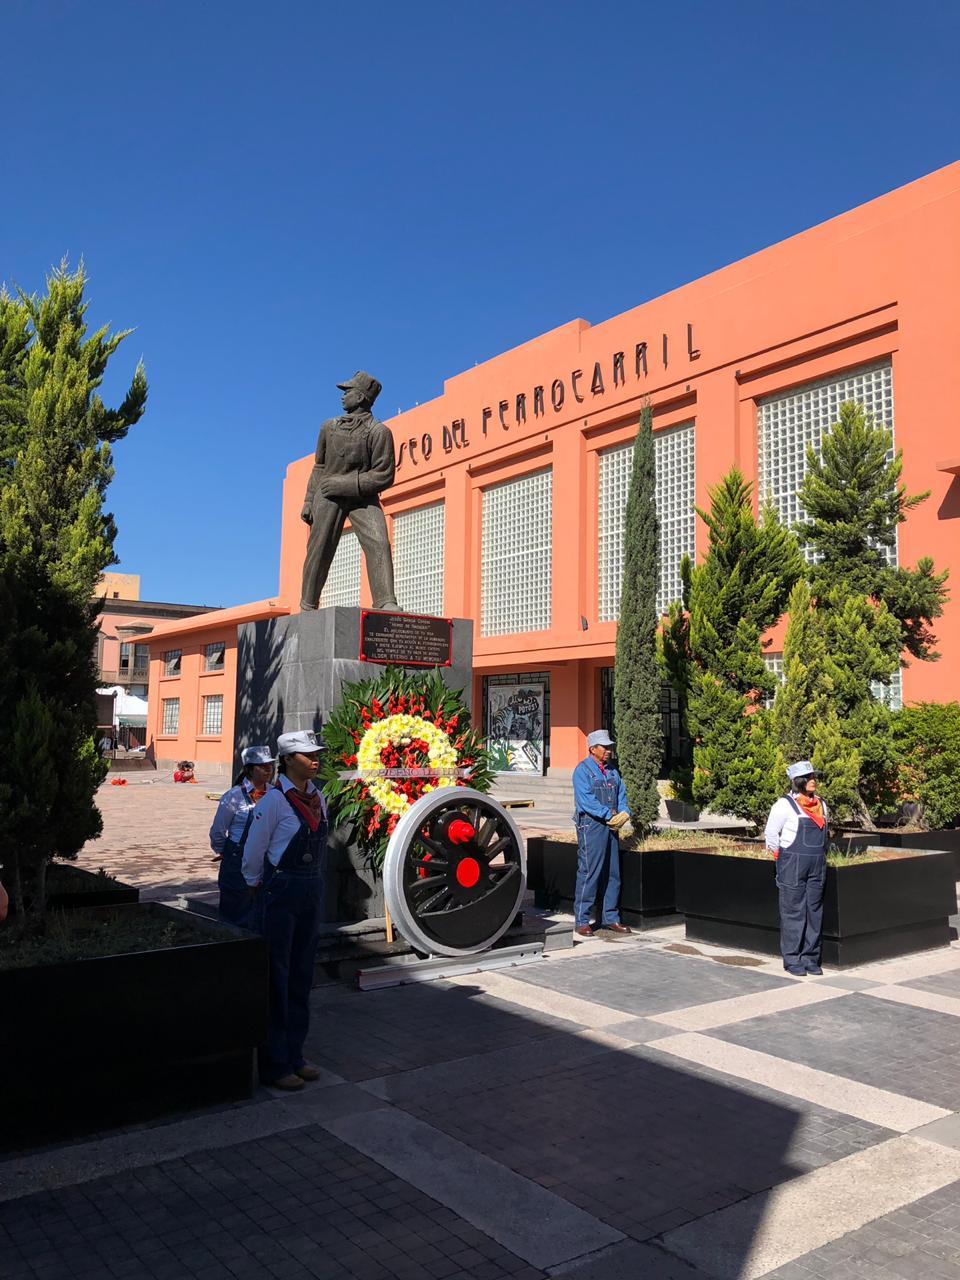 Actividades infantiles, cine, festivales, música, exposiciones y más, este sábado en San Luis Potosí